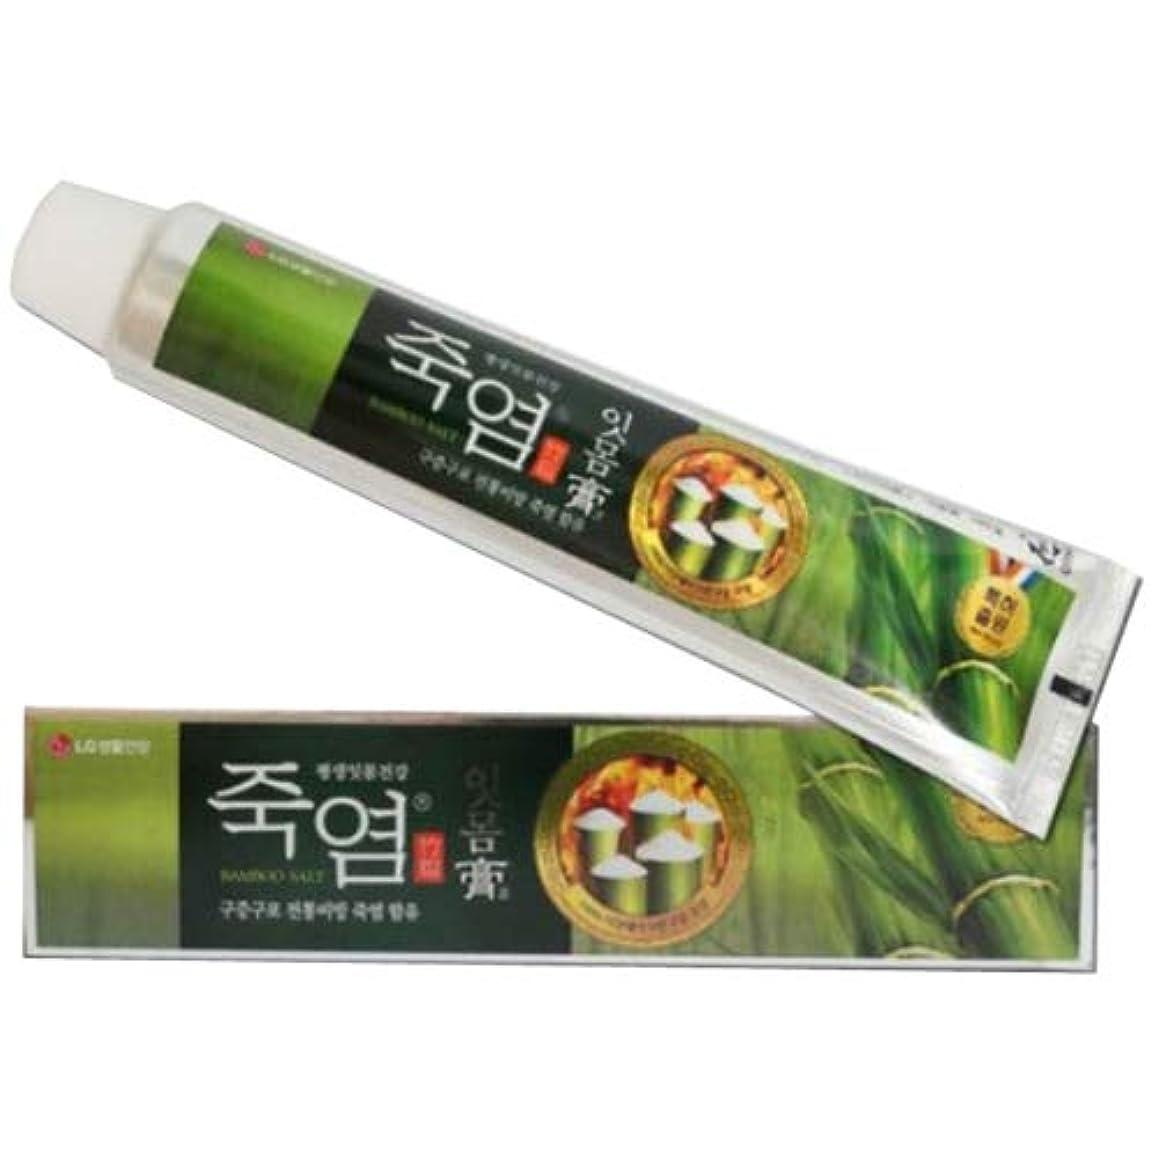 精神医学ピボット区画[LG Care/LG生活健康]竹塩歯磨き粉つぶれて歯茎を健康に120g x1EA 歯磨きセットスペシャル?リミテッドToothpaste Set Special Limited Korea